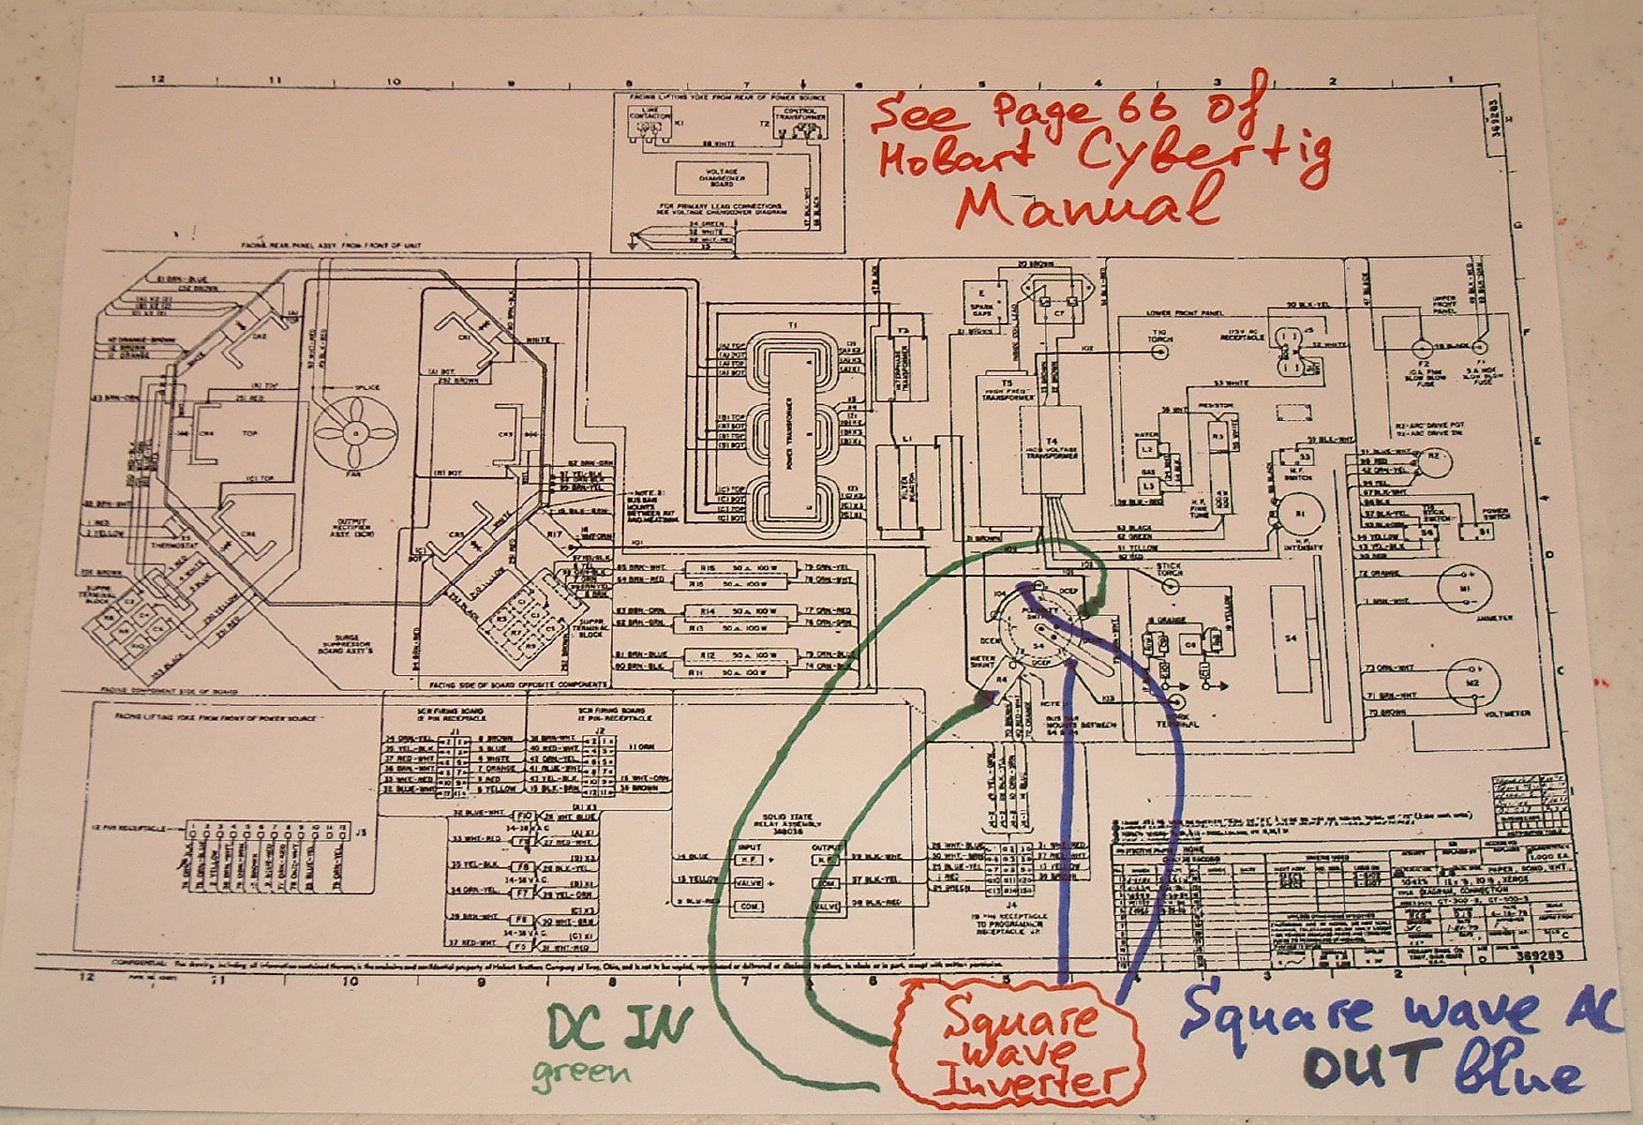 Tig Welder Schematic on tig arc schematic, mma welder schematic, mig welder schematic, miller welder schematic, hobart welder schematic, lincoln welder schematic, plasma welder schematic, homemade plasma cutter schematic, high frequency welder schematic, dc welder schematic, welder electrical schematic, diy spot welder schematic, tig welding, century welder schematic, inverter schematic, lincoln arc welding schematic, hf tig schematic, arc welder schematic, tig torches and accessories, stick welder schematic,